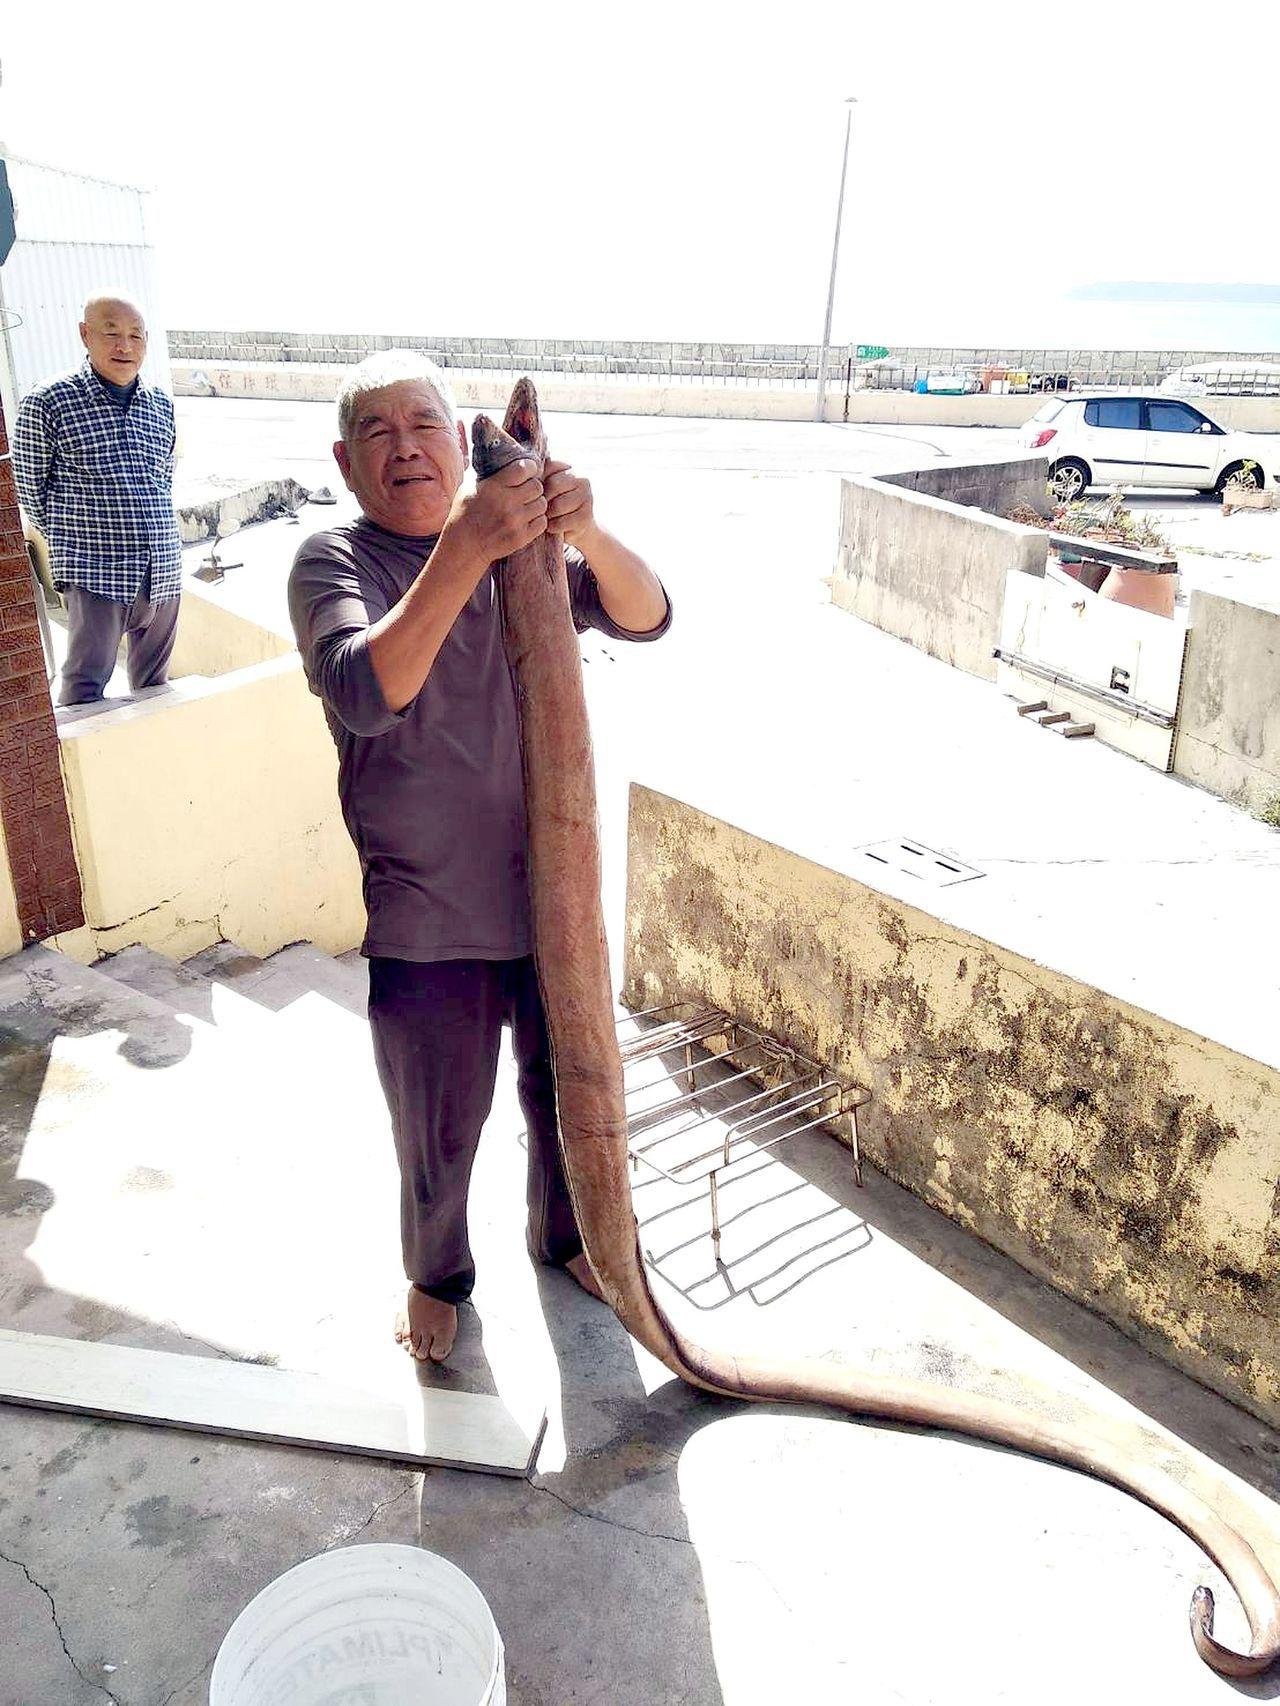 澎湖漁民陳文騫意外捕獲的怪魚,長達3公尺,抓在手裡,還一大截拖在地上。圖/陳文騫...